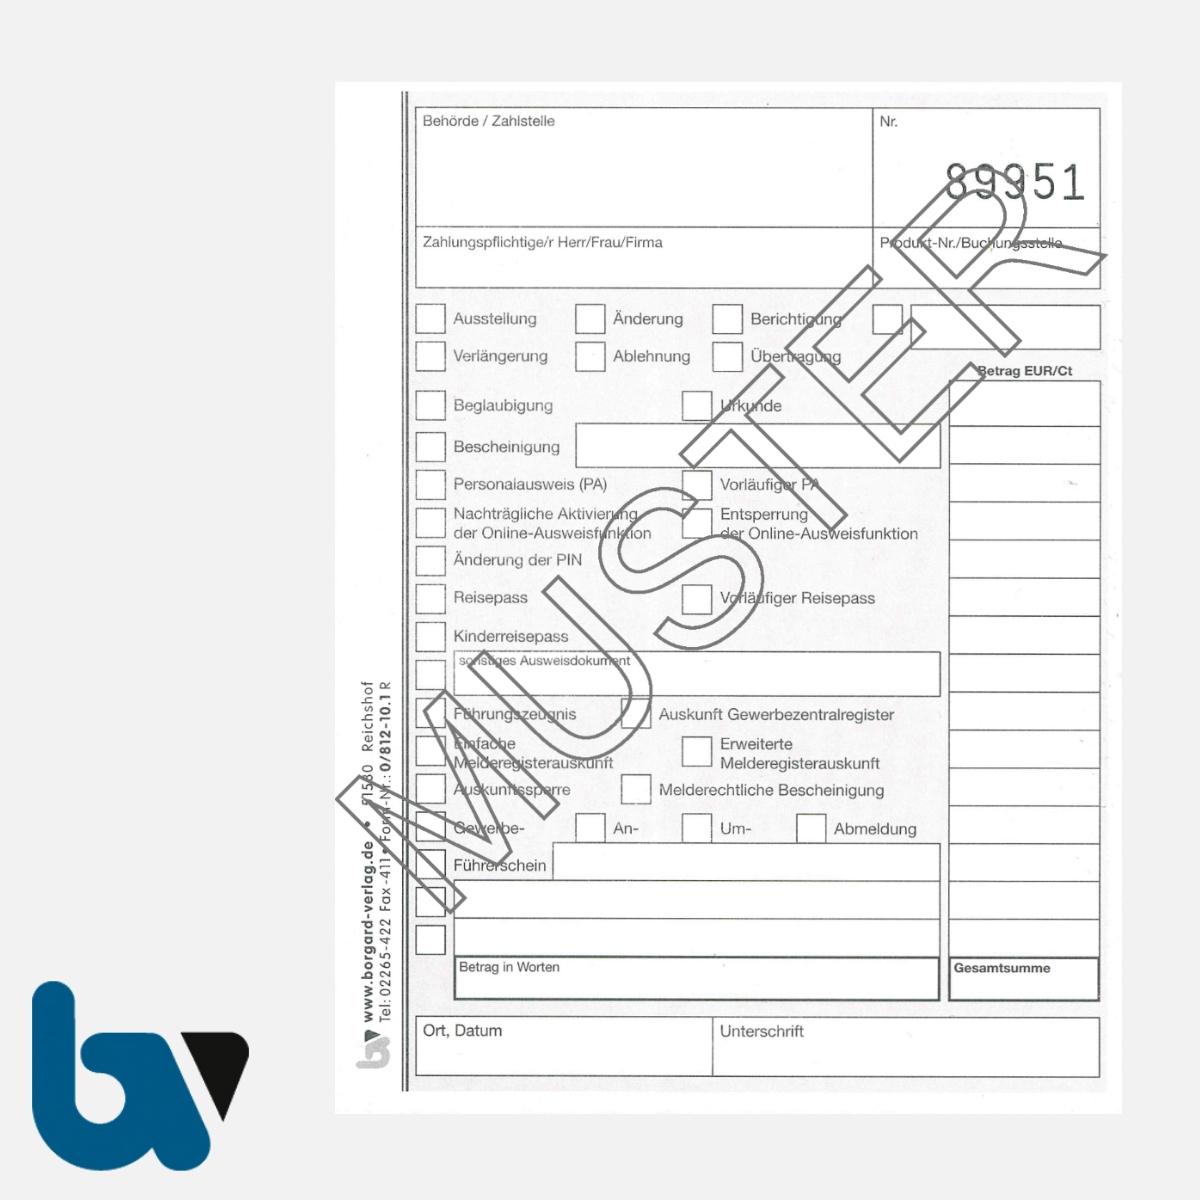 0/812-10.1 Quittung Empfangsbescheinigung Kasse Melde Bürgeramt Ausweis Pass Gewerbe Bar selbstdurchschreibend 3fach Schreibschutzdeckel Nummerierung fortlaufend DIN A6 S 1 | Borgard Verlag GmbH